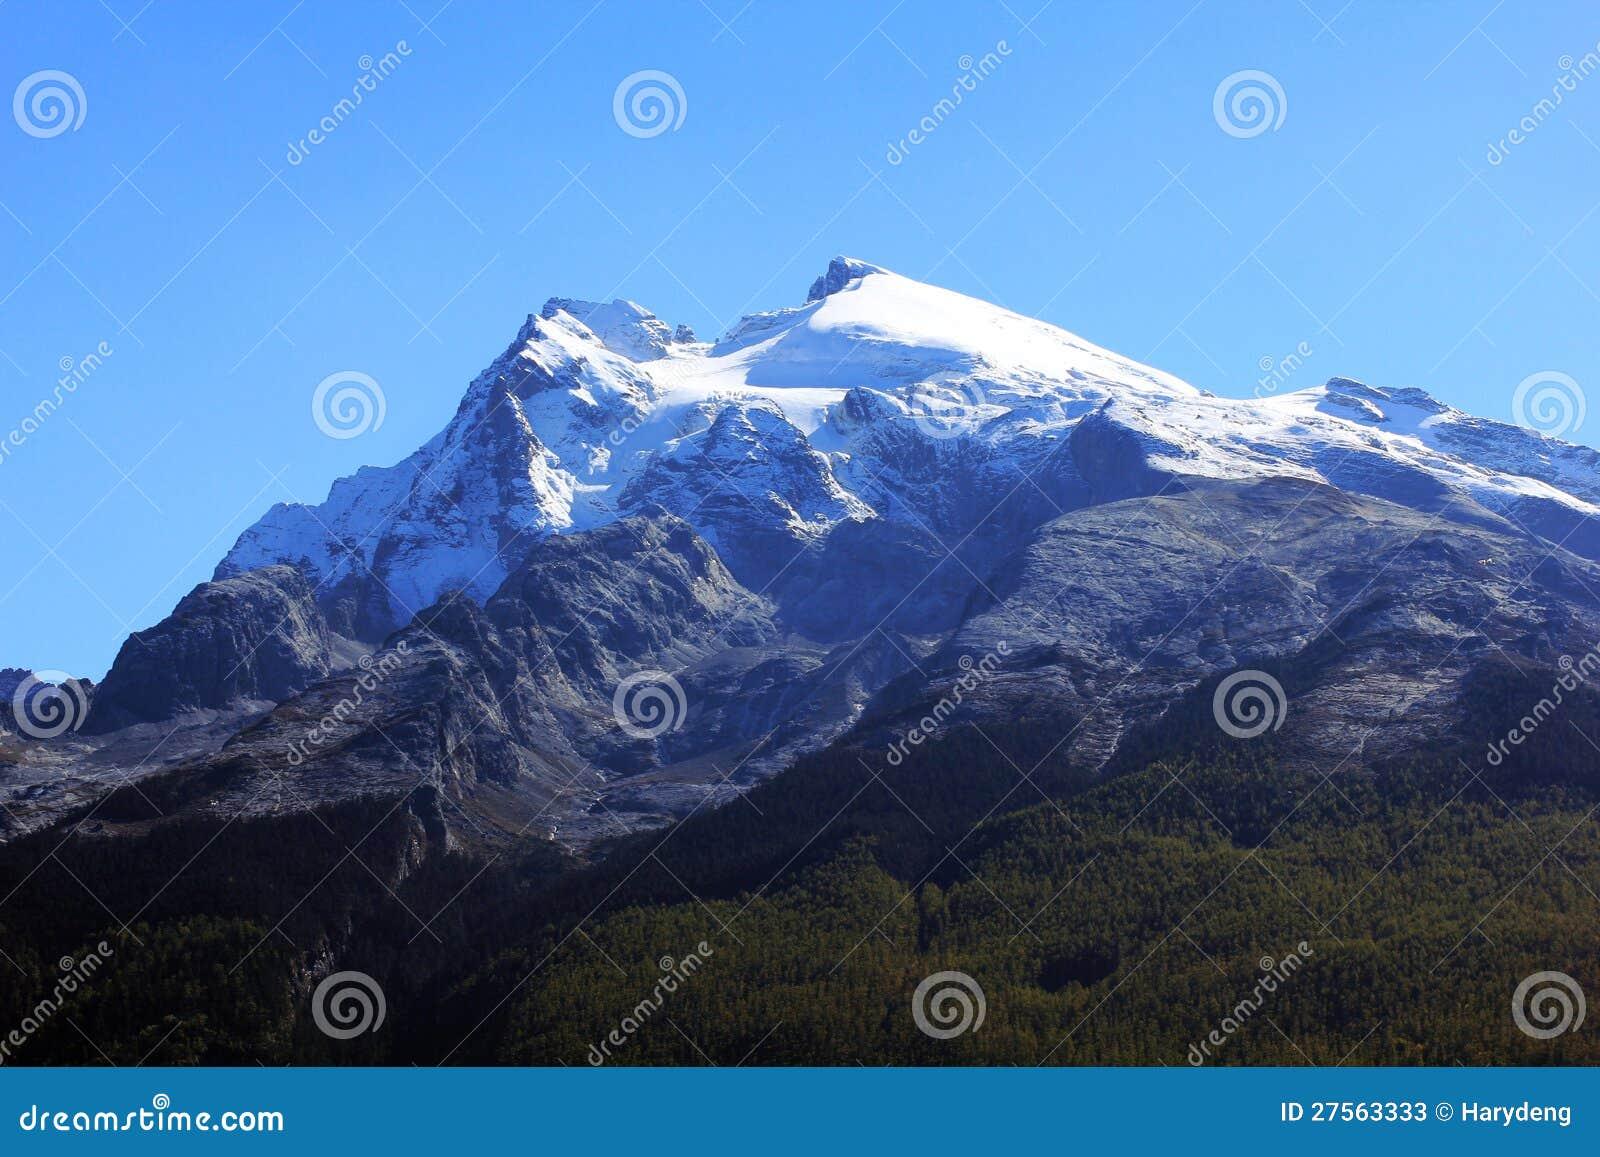 Haba snow mountains